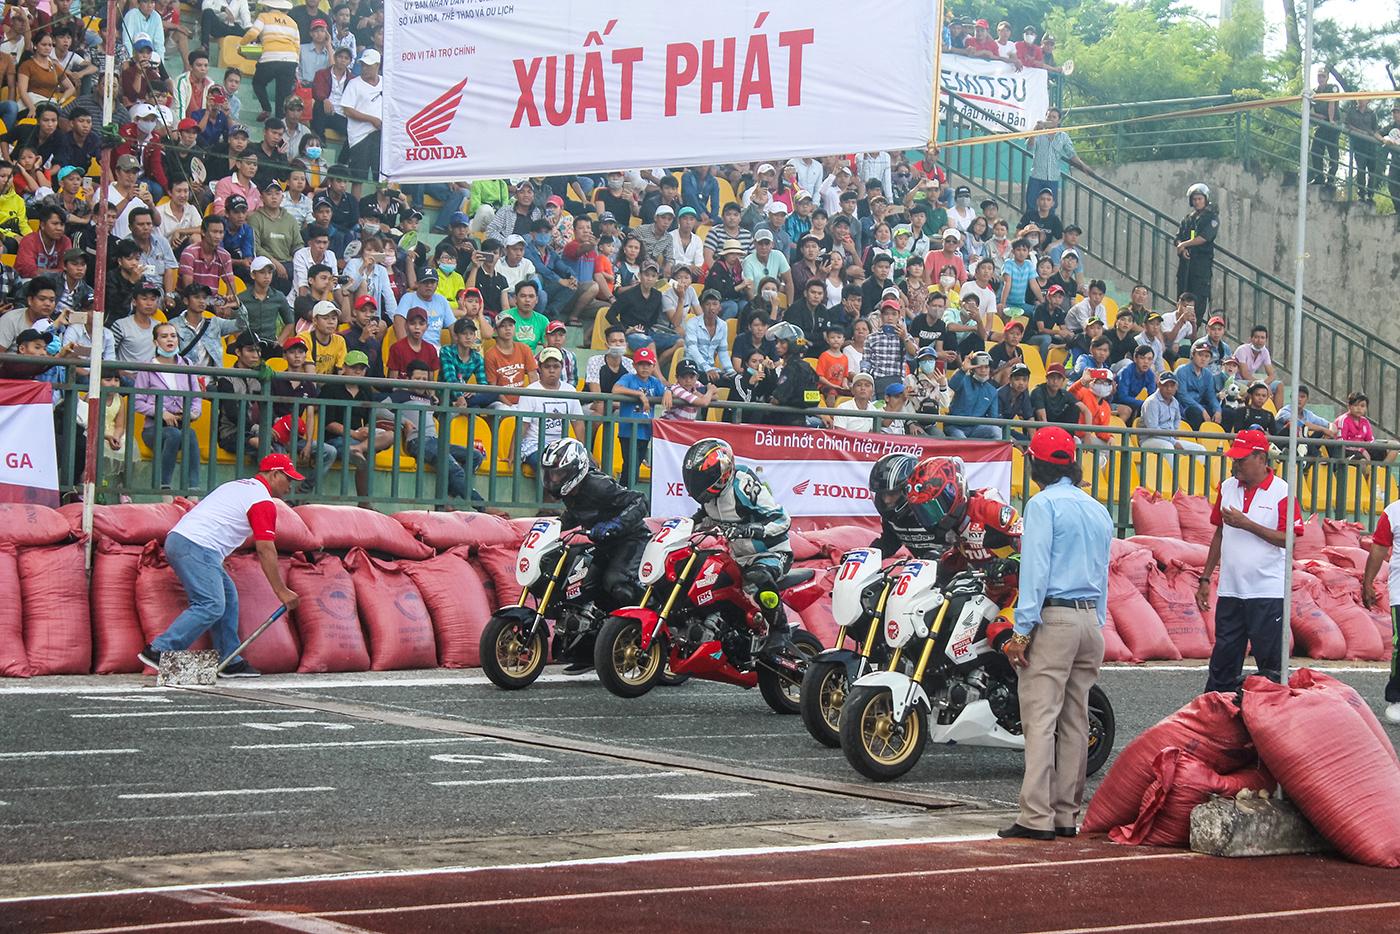 honda-vietnam-5.jpg